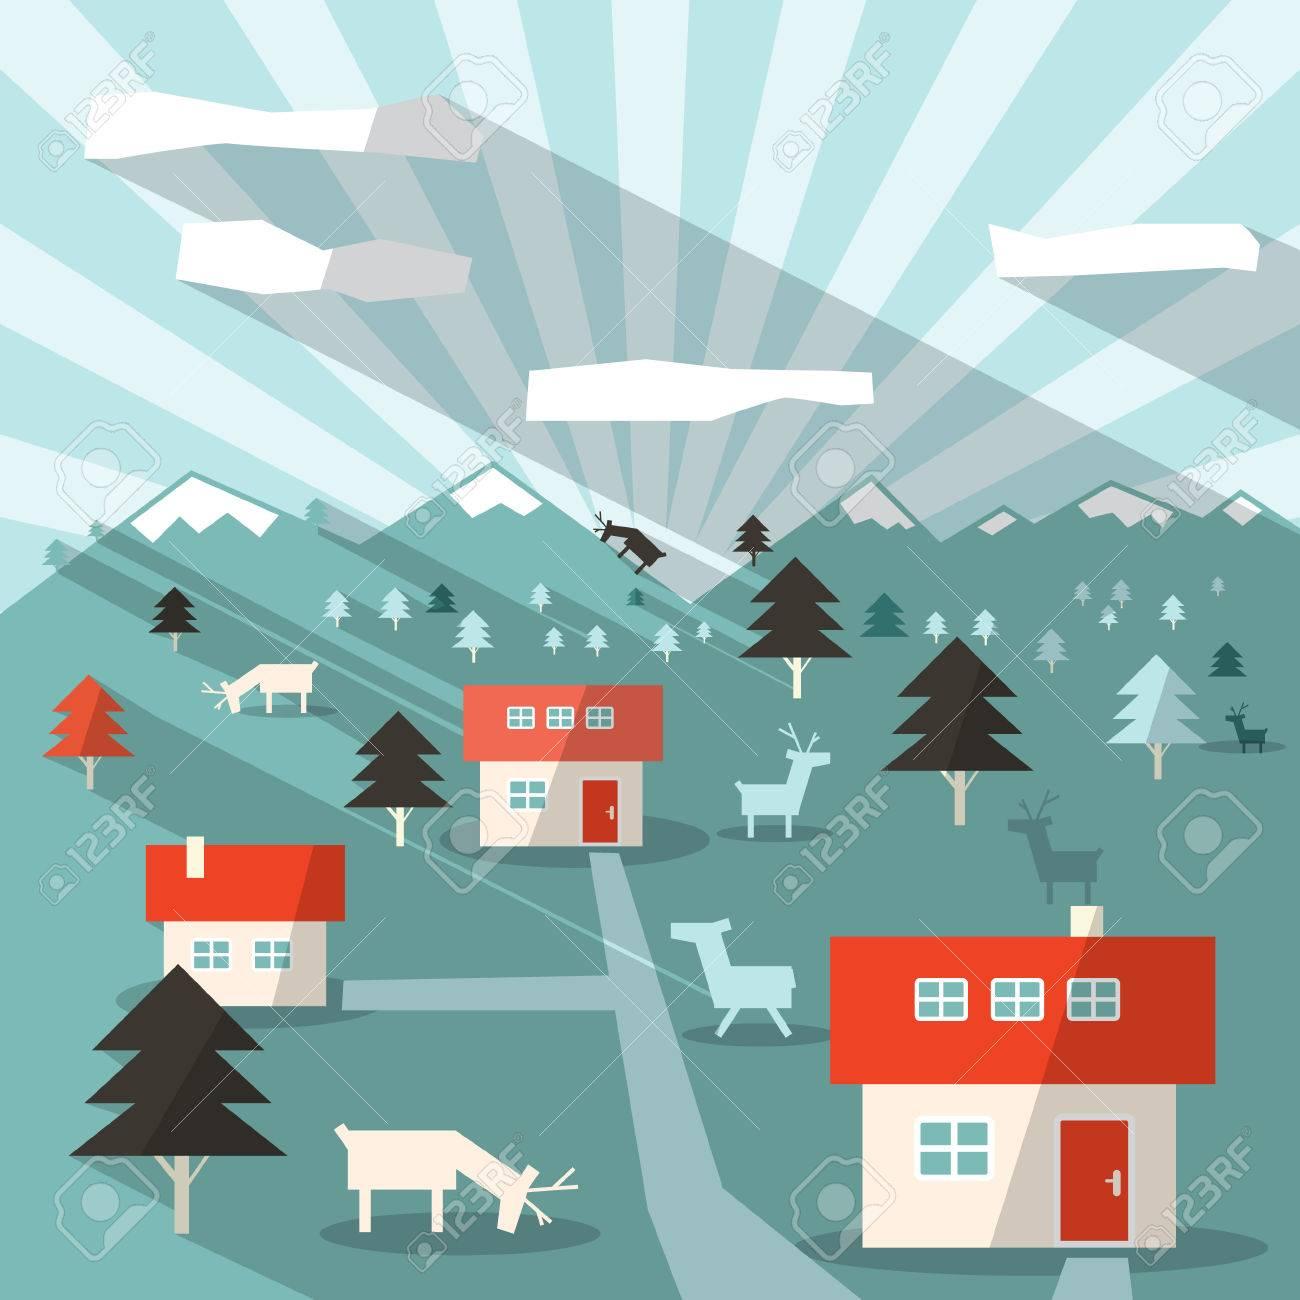 Resumen Vector Piso Diseño Paisaje Long Shadow Ilustración Con Casas ...